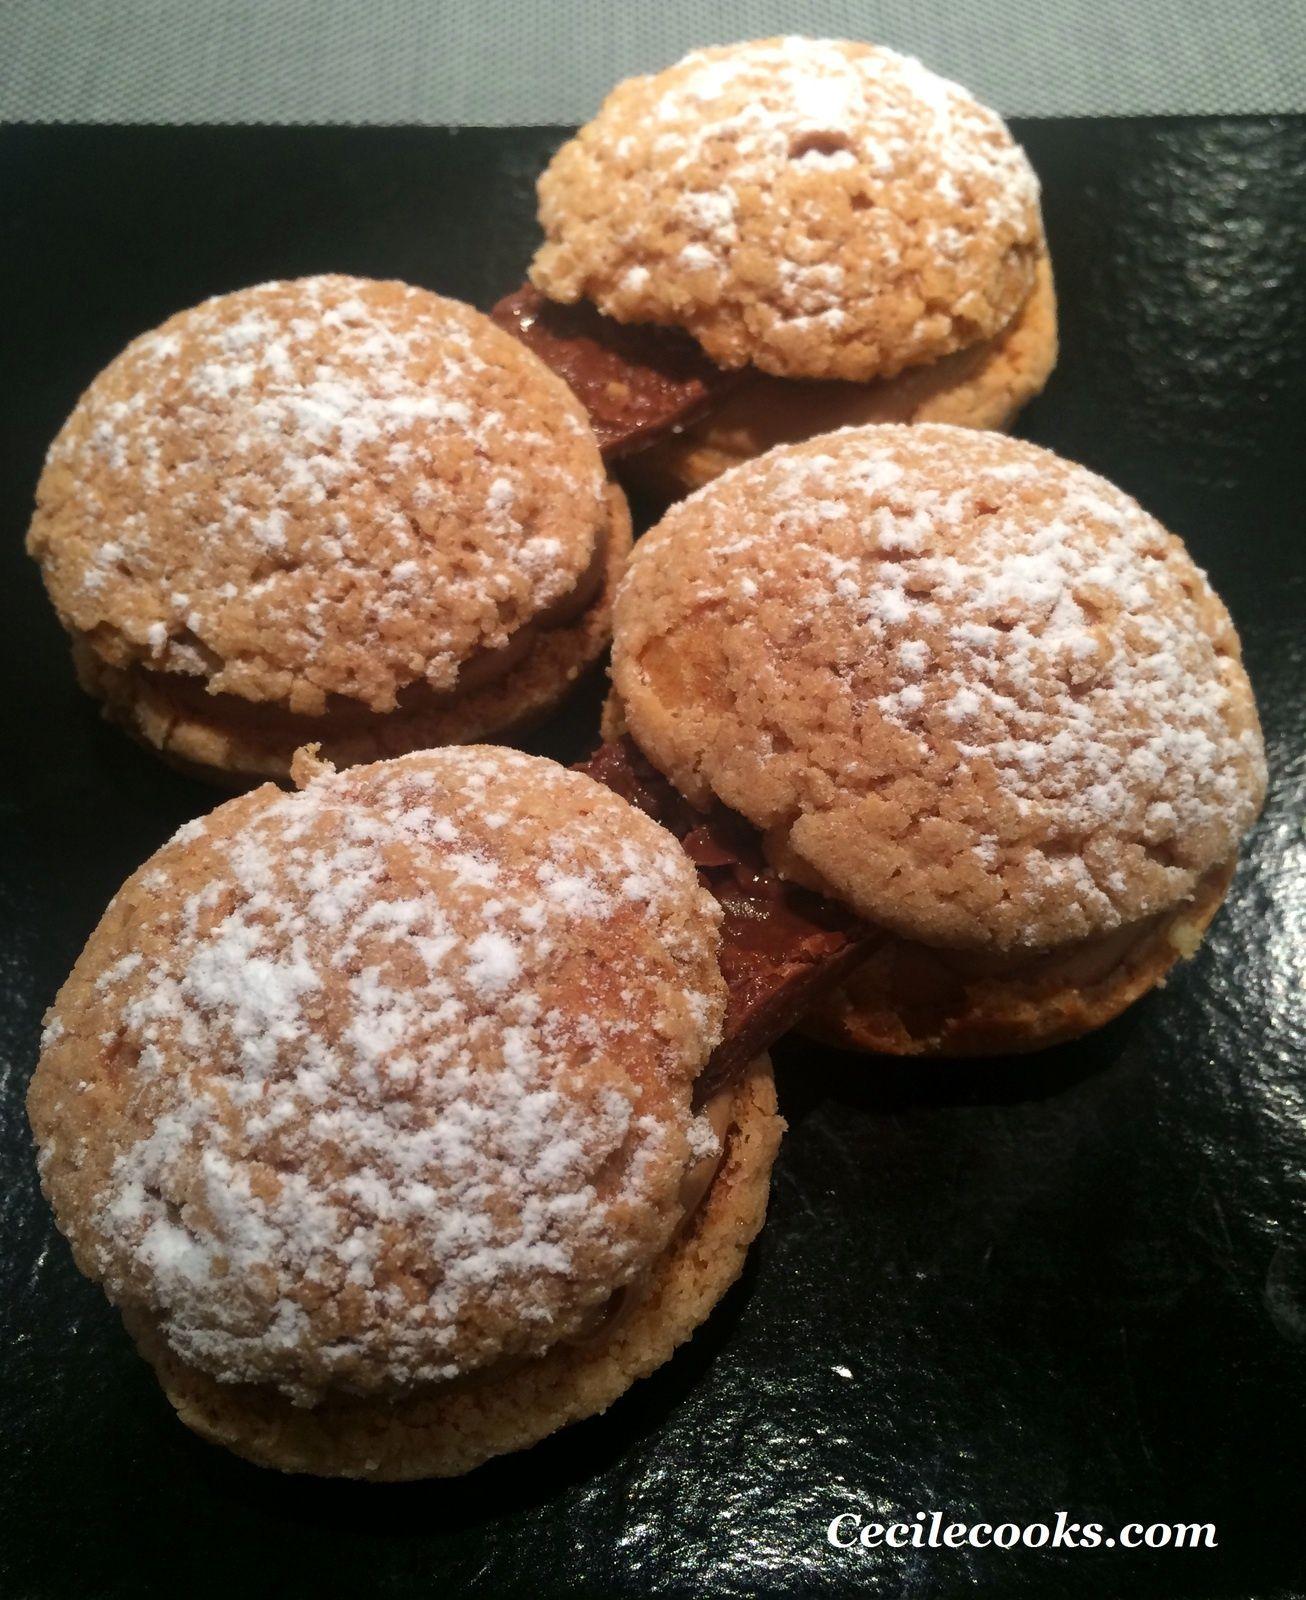 Paris brest revisit selon cyril lignac et conticini avec - Cours de cuisine brest ...